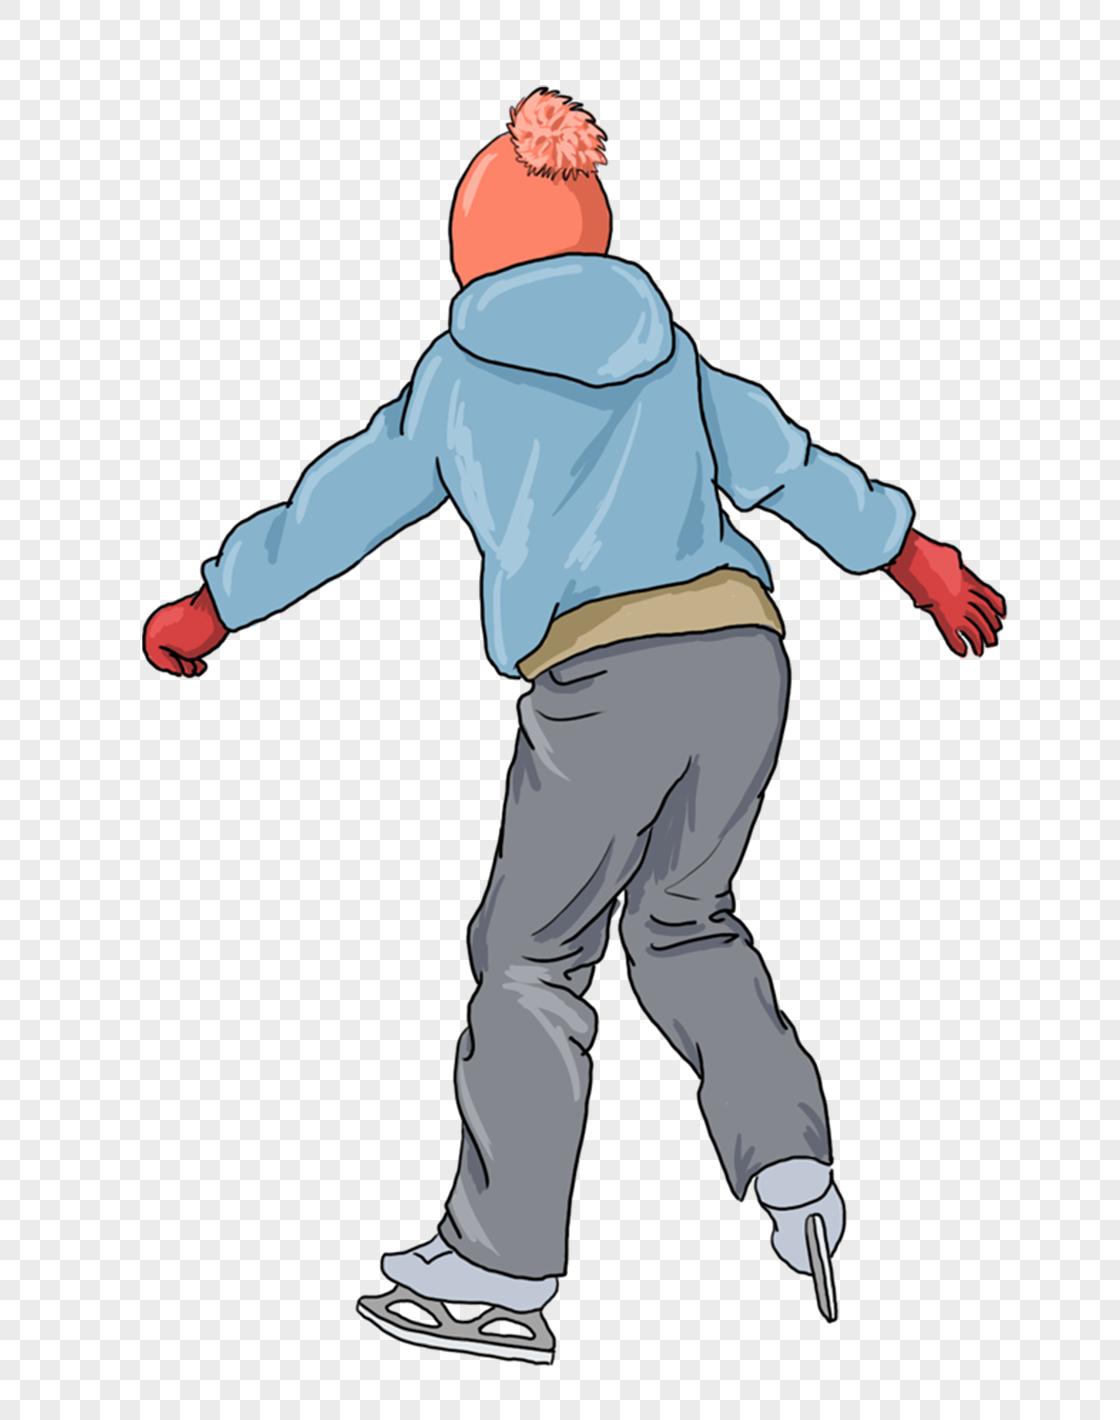 图片 素材 手绘/卡通元素 溜冰的男孩.